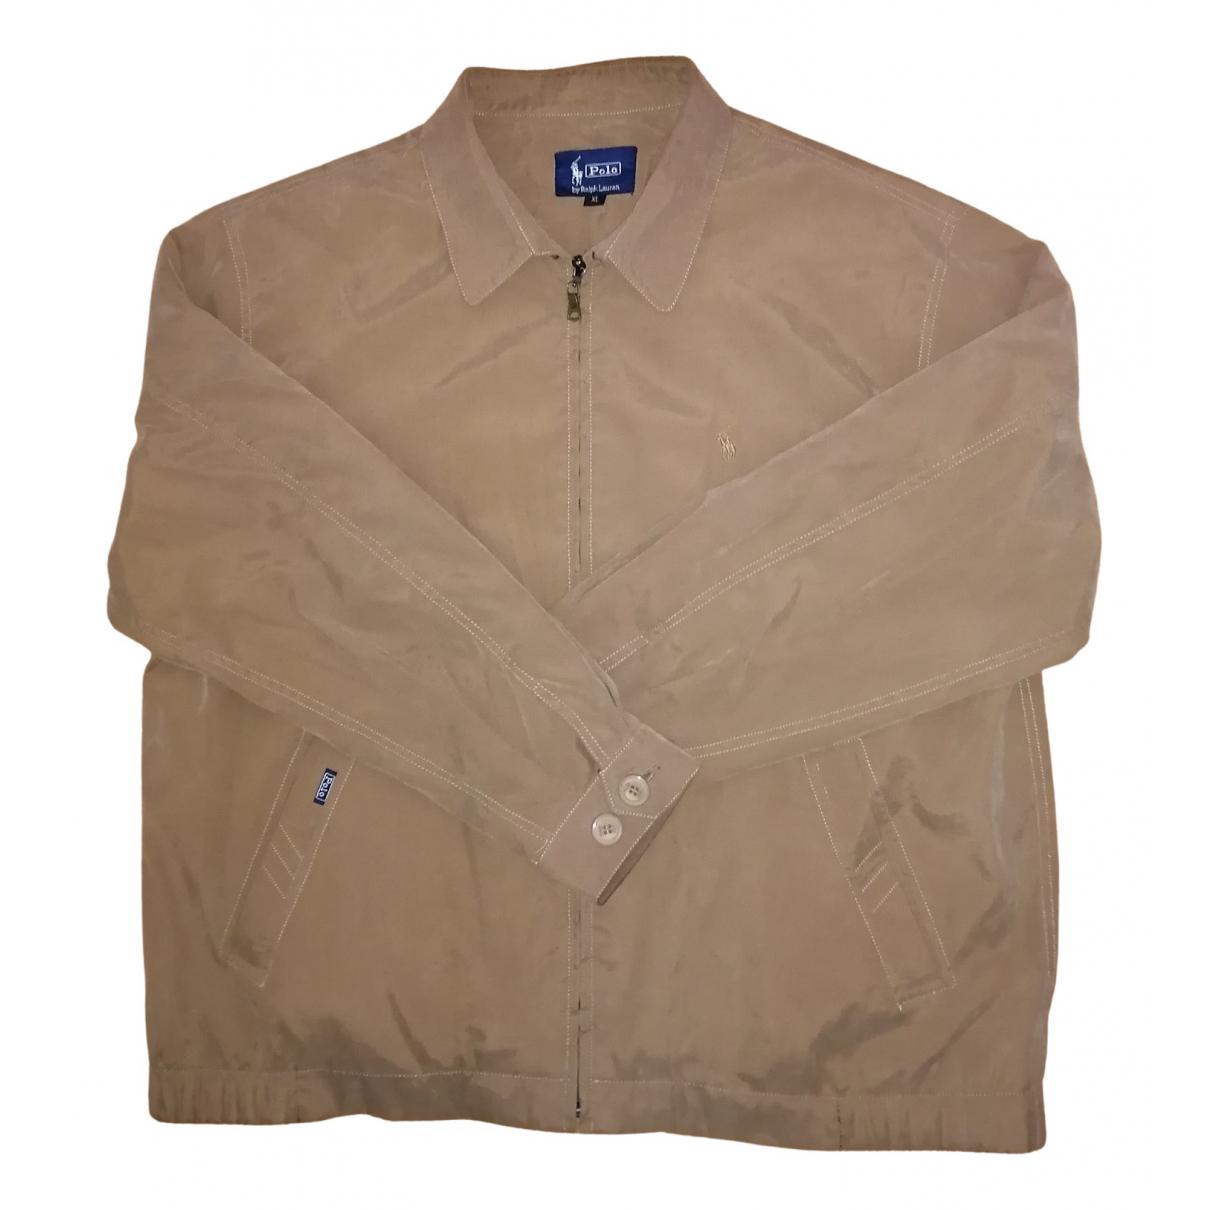 Polo Ralph Lauren - Vestes.Blousons   pour homme en coton - marron